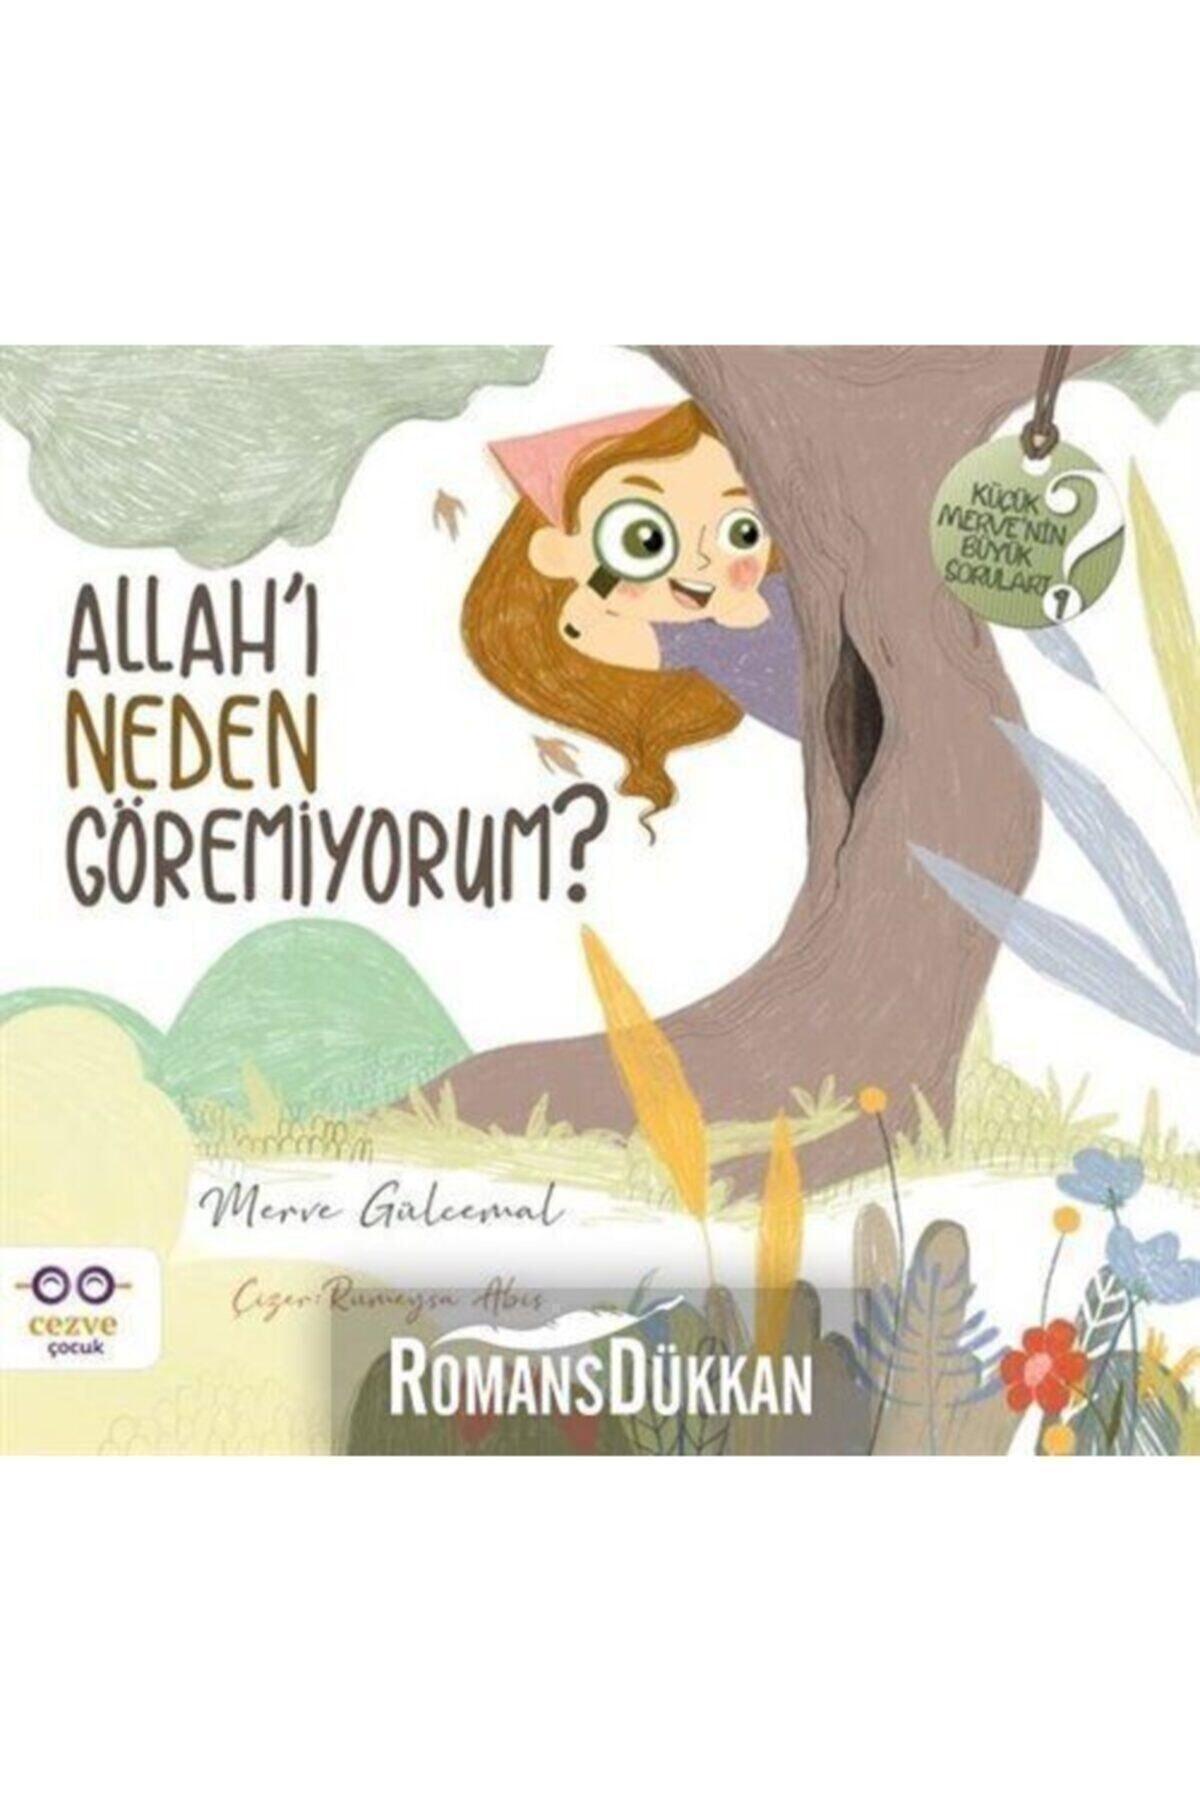 Allah'ı Neden Göremiyorum? - Küçük Merve'nin Büyük Soruları 1 - Merve Gülcemal 9786052297797